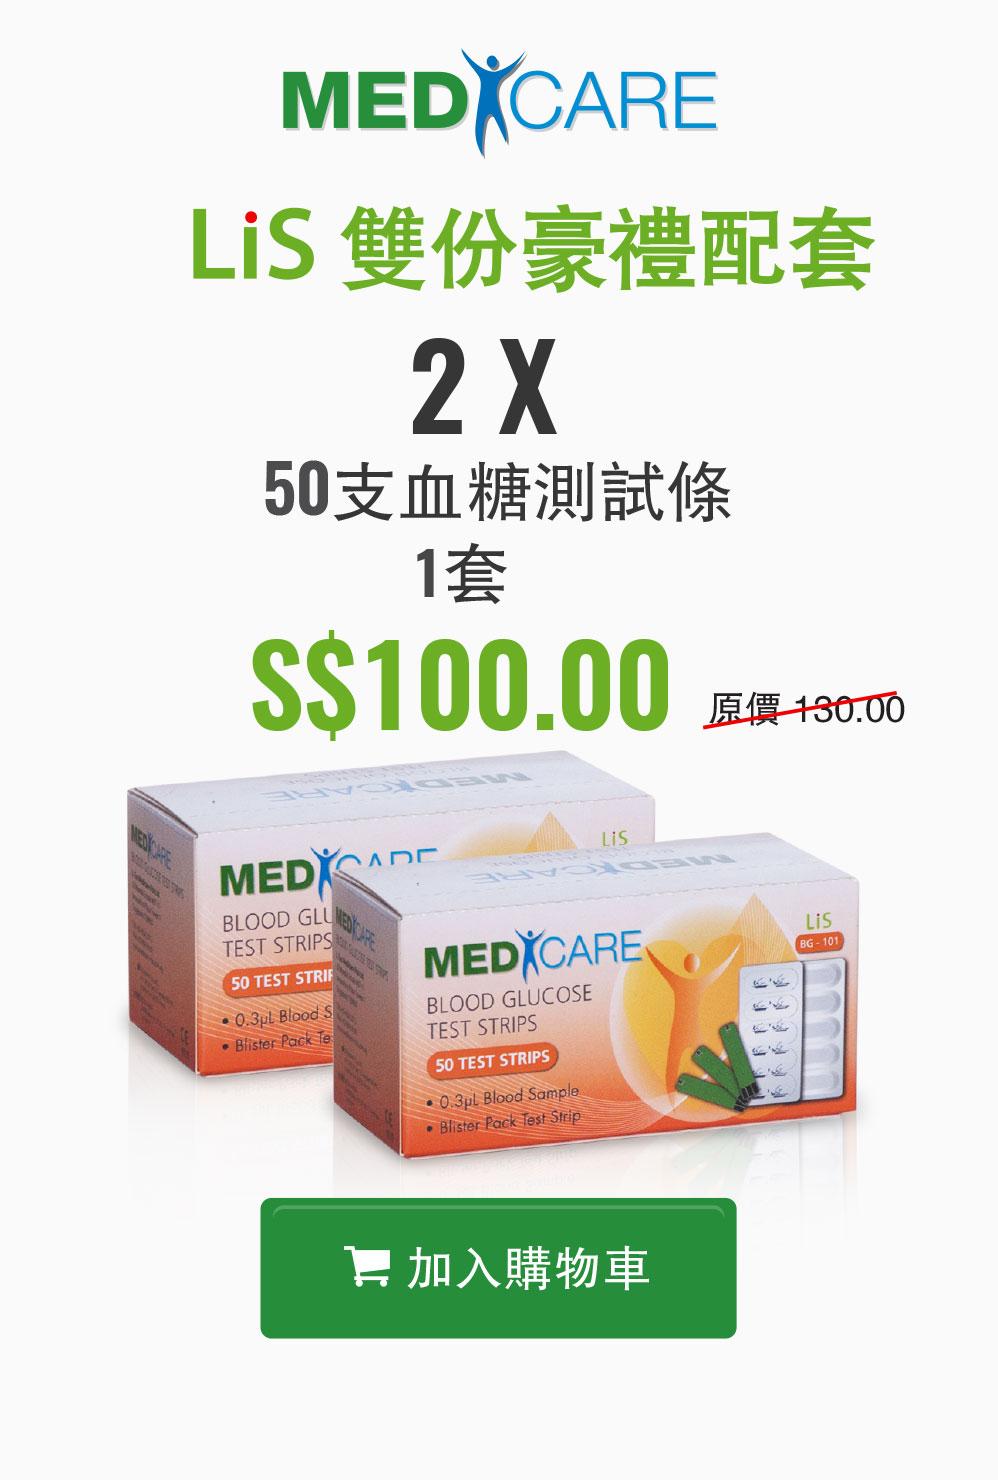 L-Tac-MediCare Buy 2 Get 1 Free